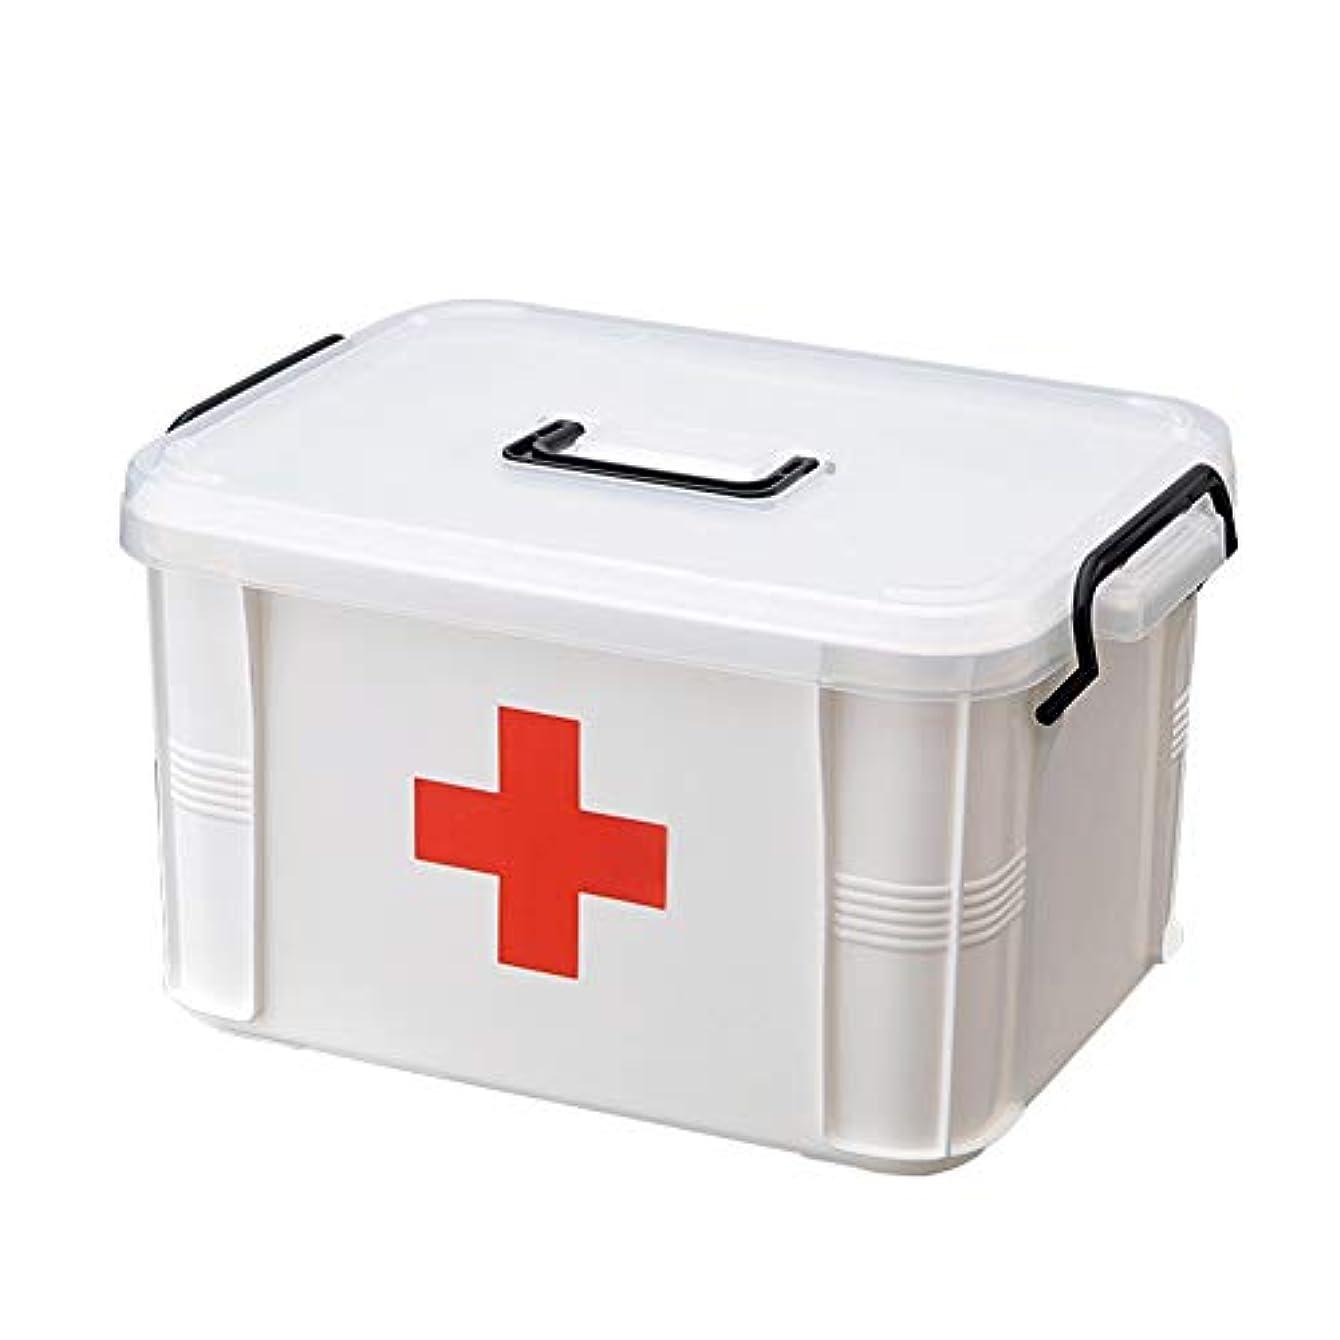 換気する変数エッセイ救急箱 薬箱 収納ケース 応急処置 くすり 3サイズ S/M/L 大容量 赤十字 多機能